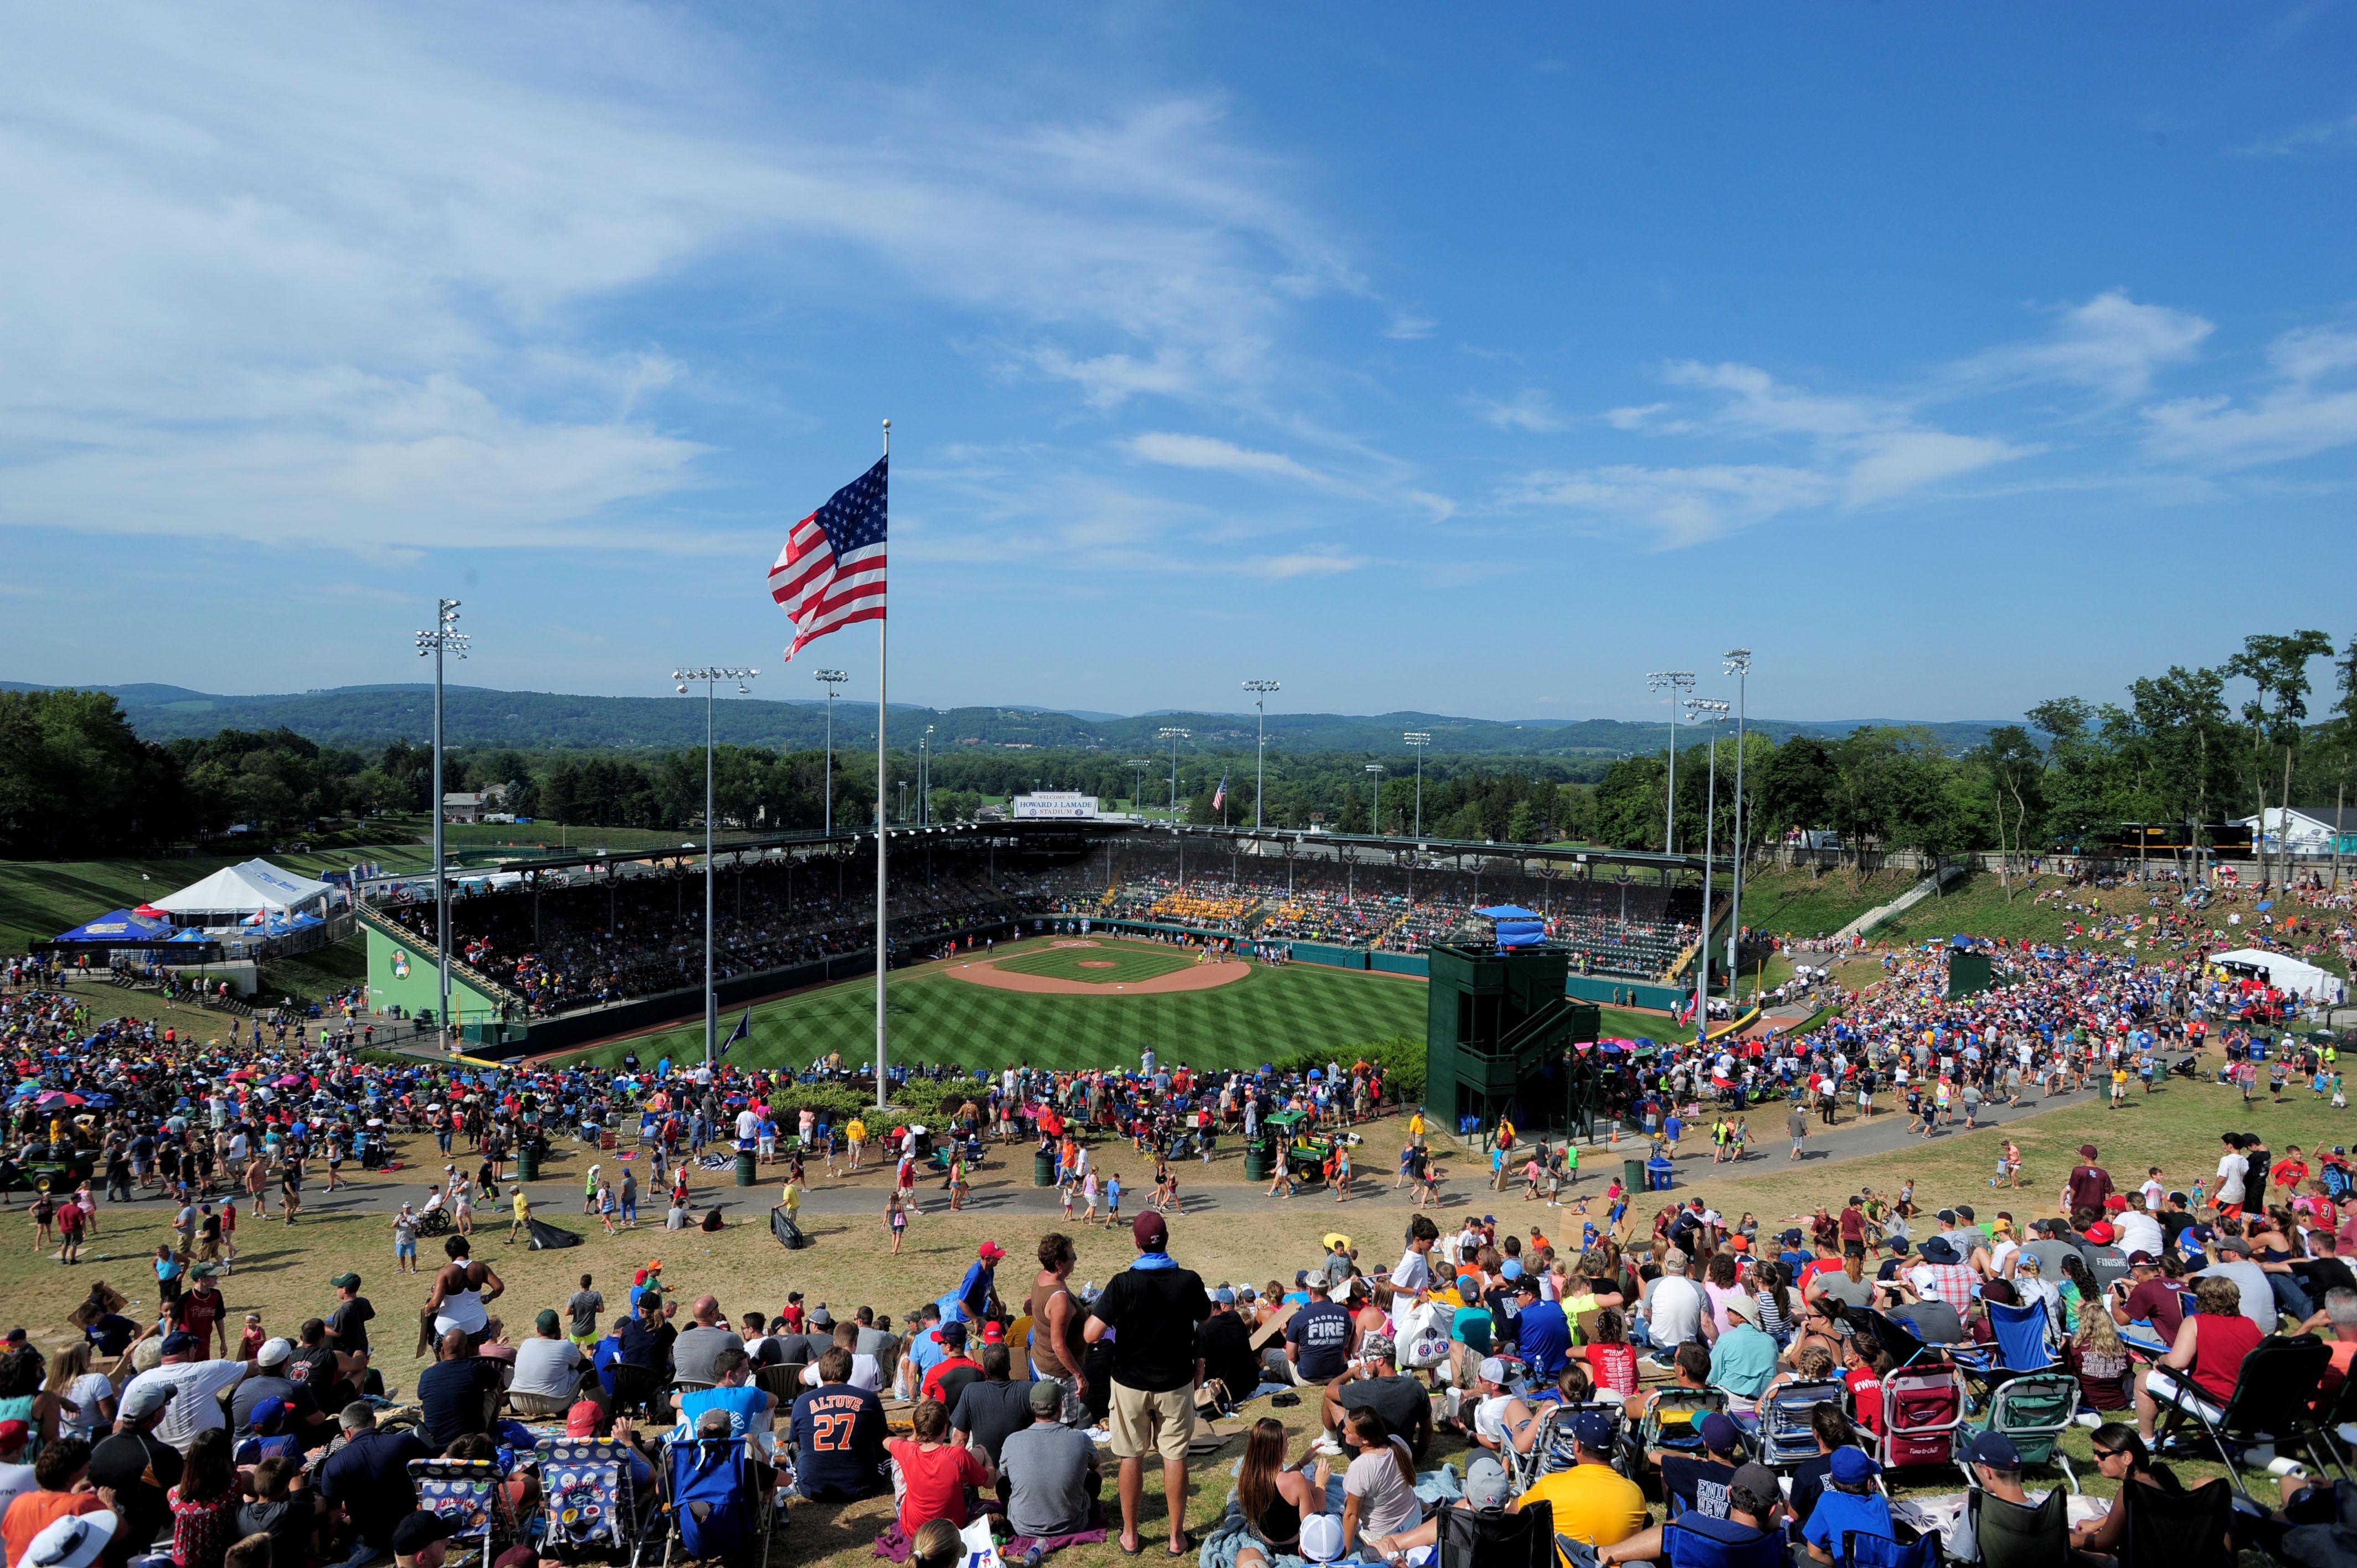 Howard J. Lamade Stadium in Williamsport, Penn.